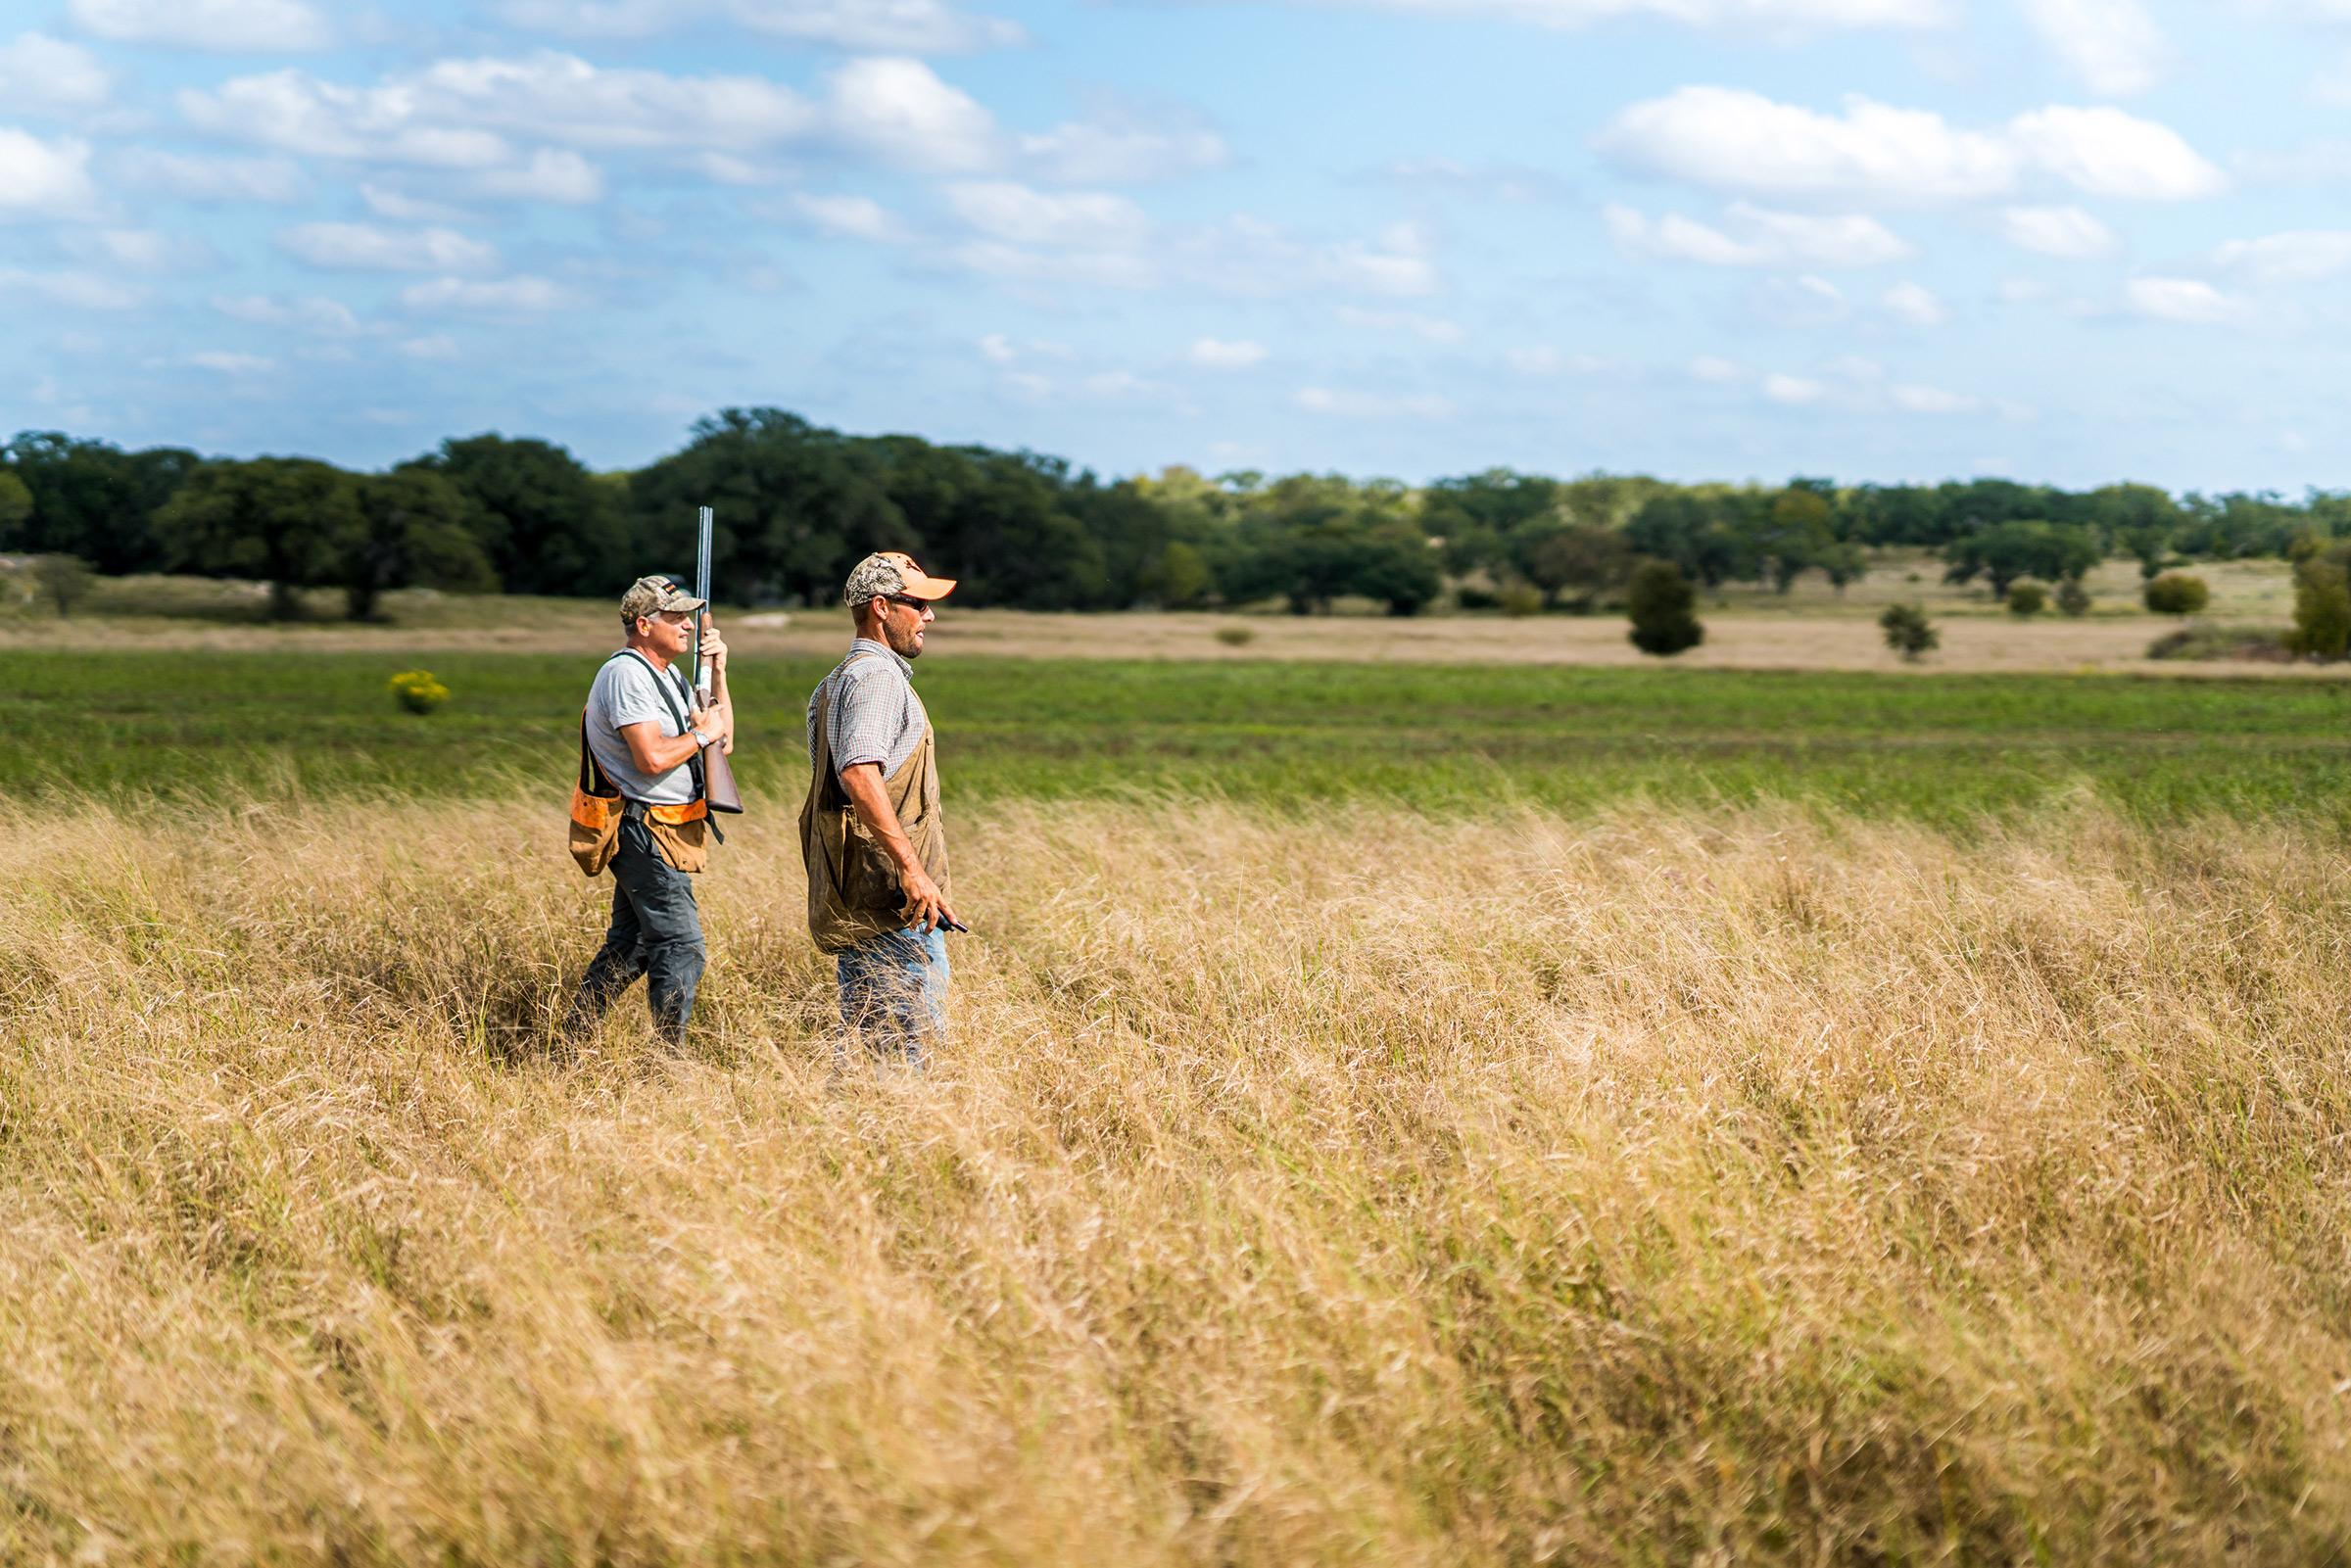 Two hunters in a field